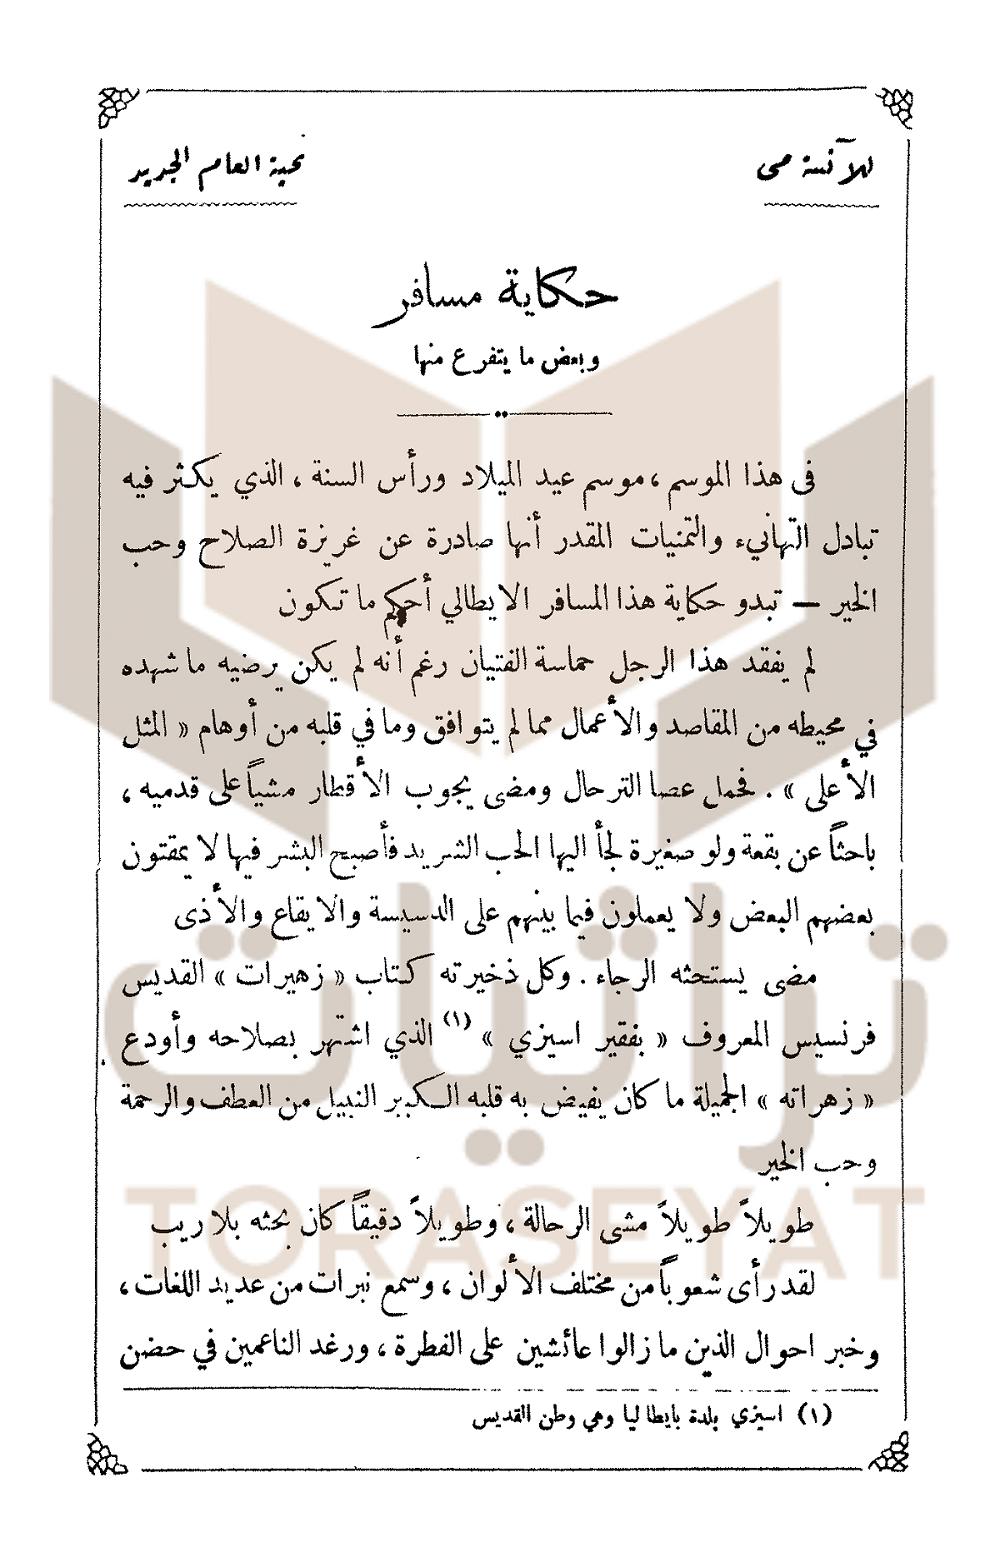 ص 1 من مقال حكاية مسافر لـ مي زيادة سنة 1931 م في المقتطف